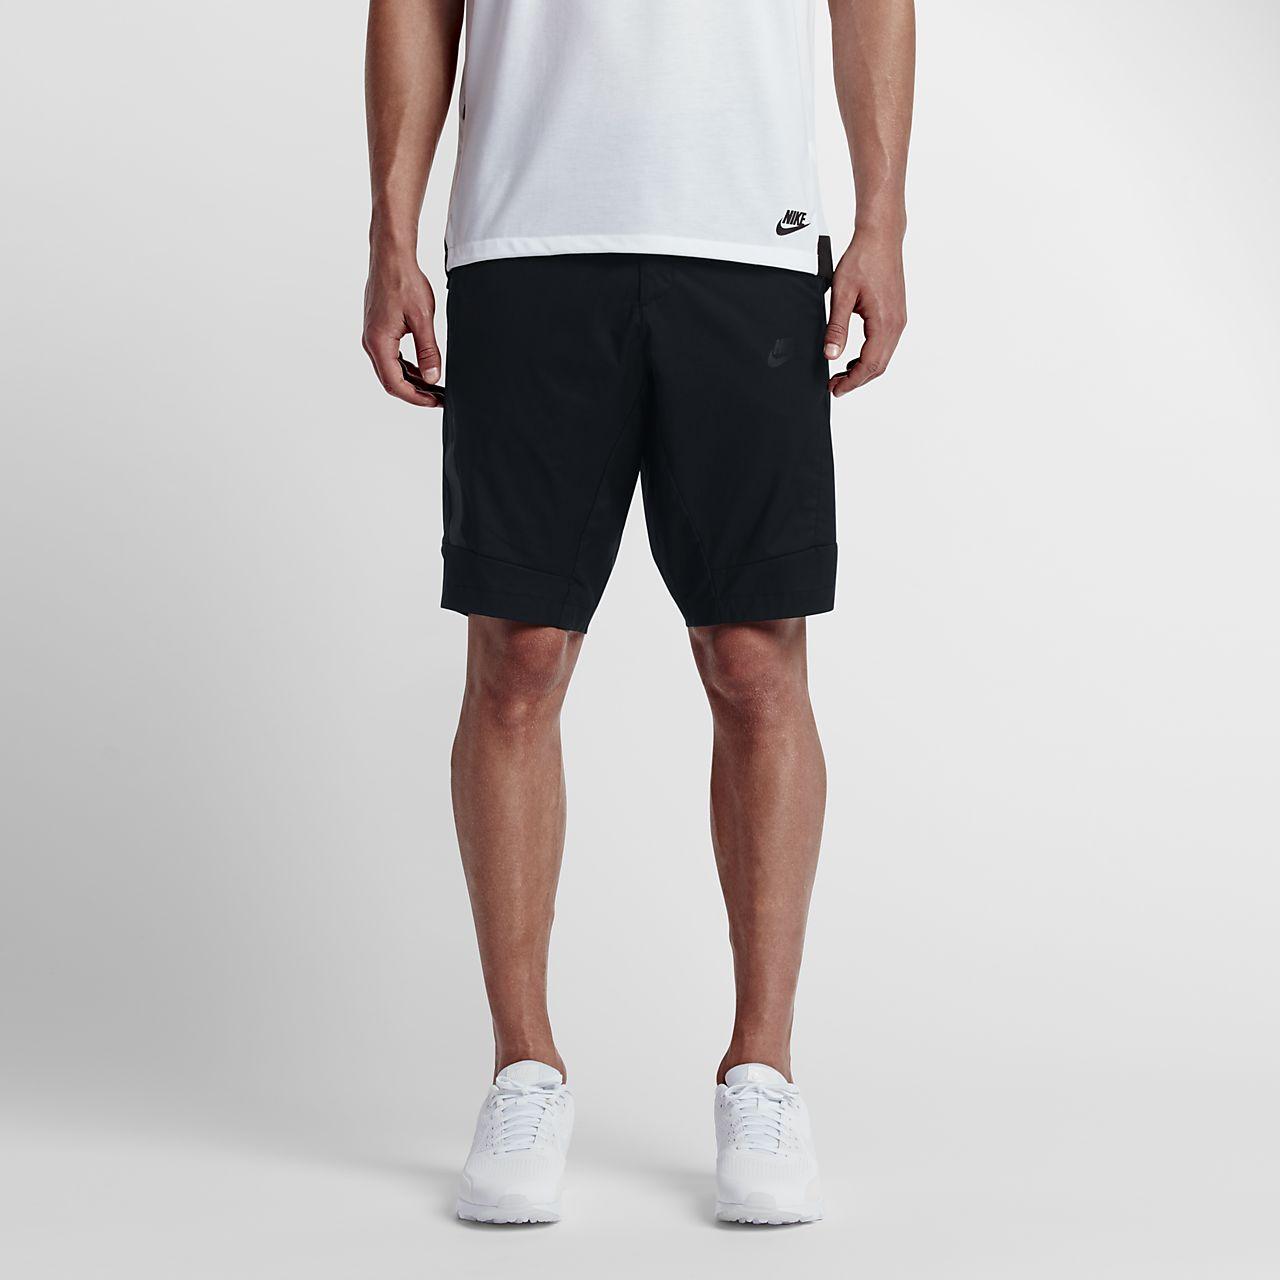 Low Resolution Nike Sportswear Bonded Men's Shorts Nike Sportswear Bonded  Men's Shorts